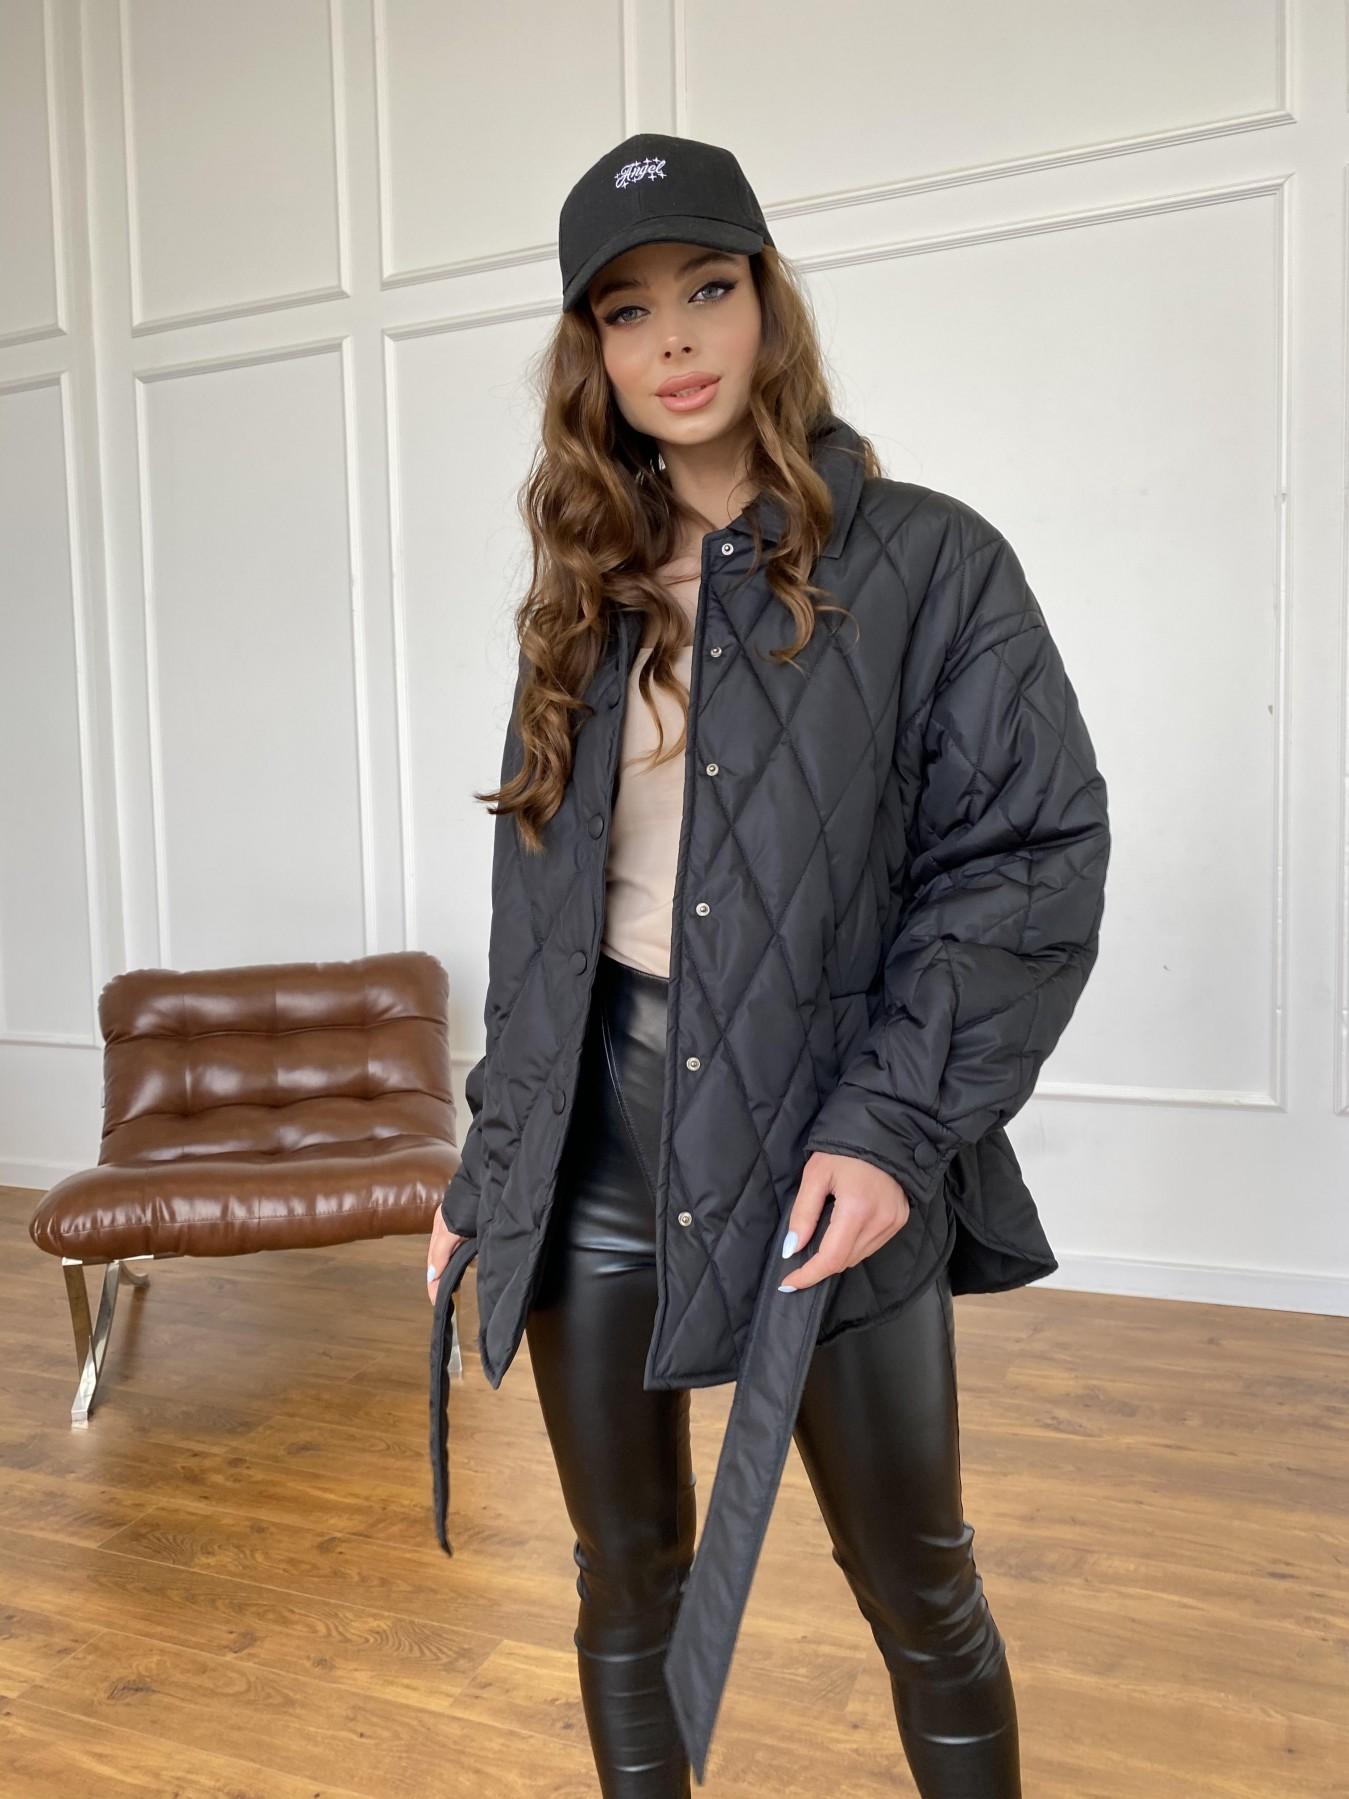 Моно куртка из плащевой ткани Ammy 10972 АРТ. 47618 Цвет: Черный - фото 11, интернет магазин tm-modus.ru